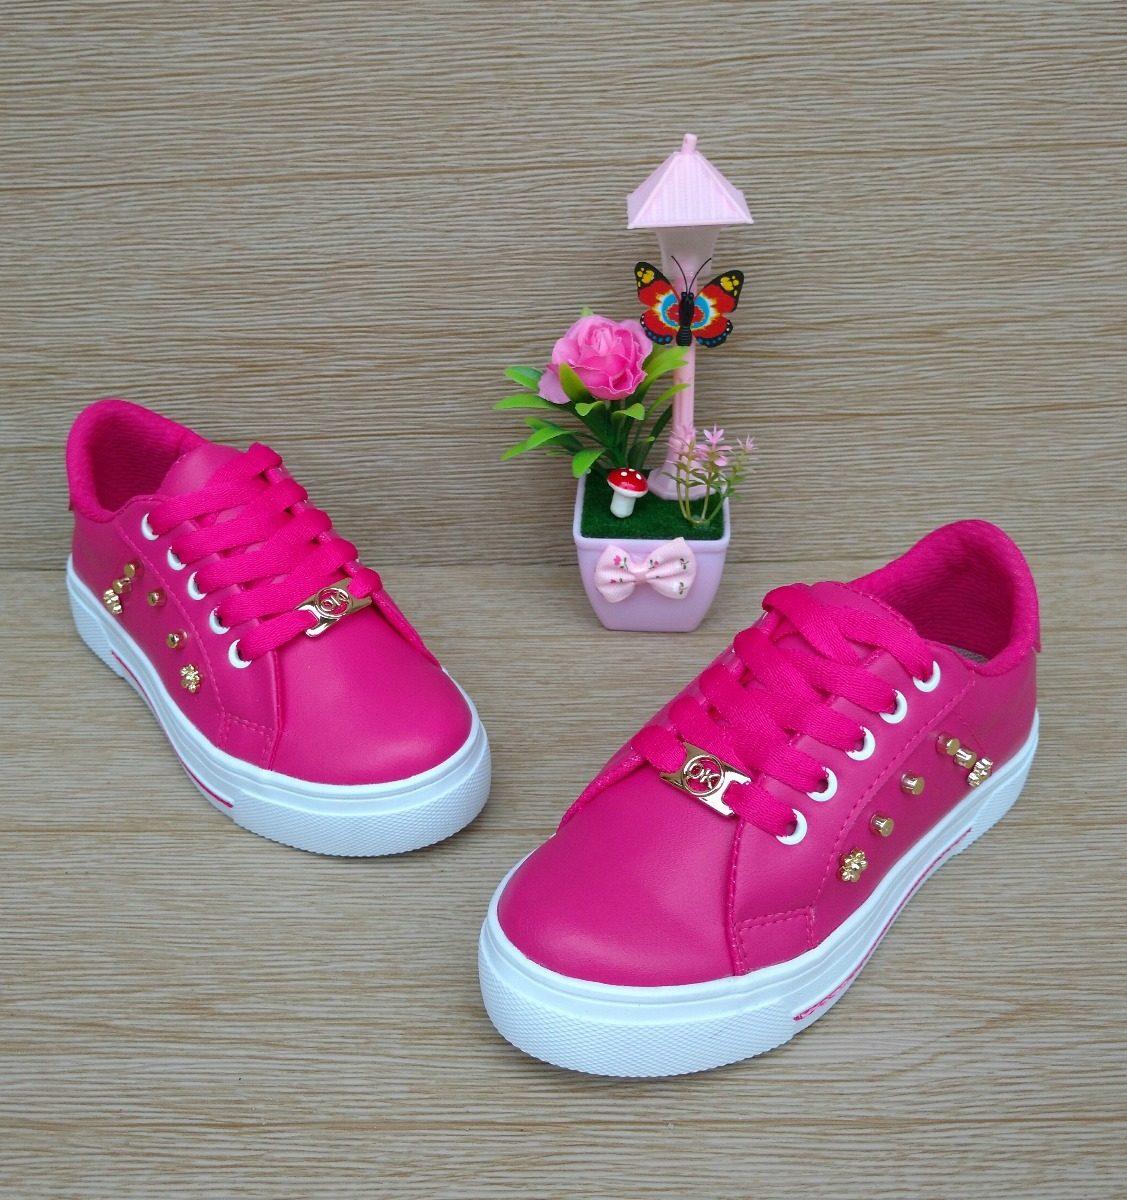 zapato deportivo niña color fucsia calzado infantil colombia. Cargando zoom. 618981eb2763